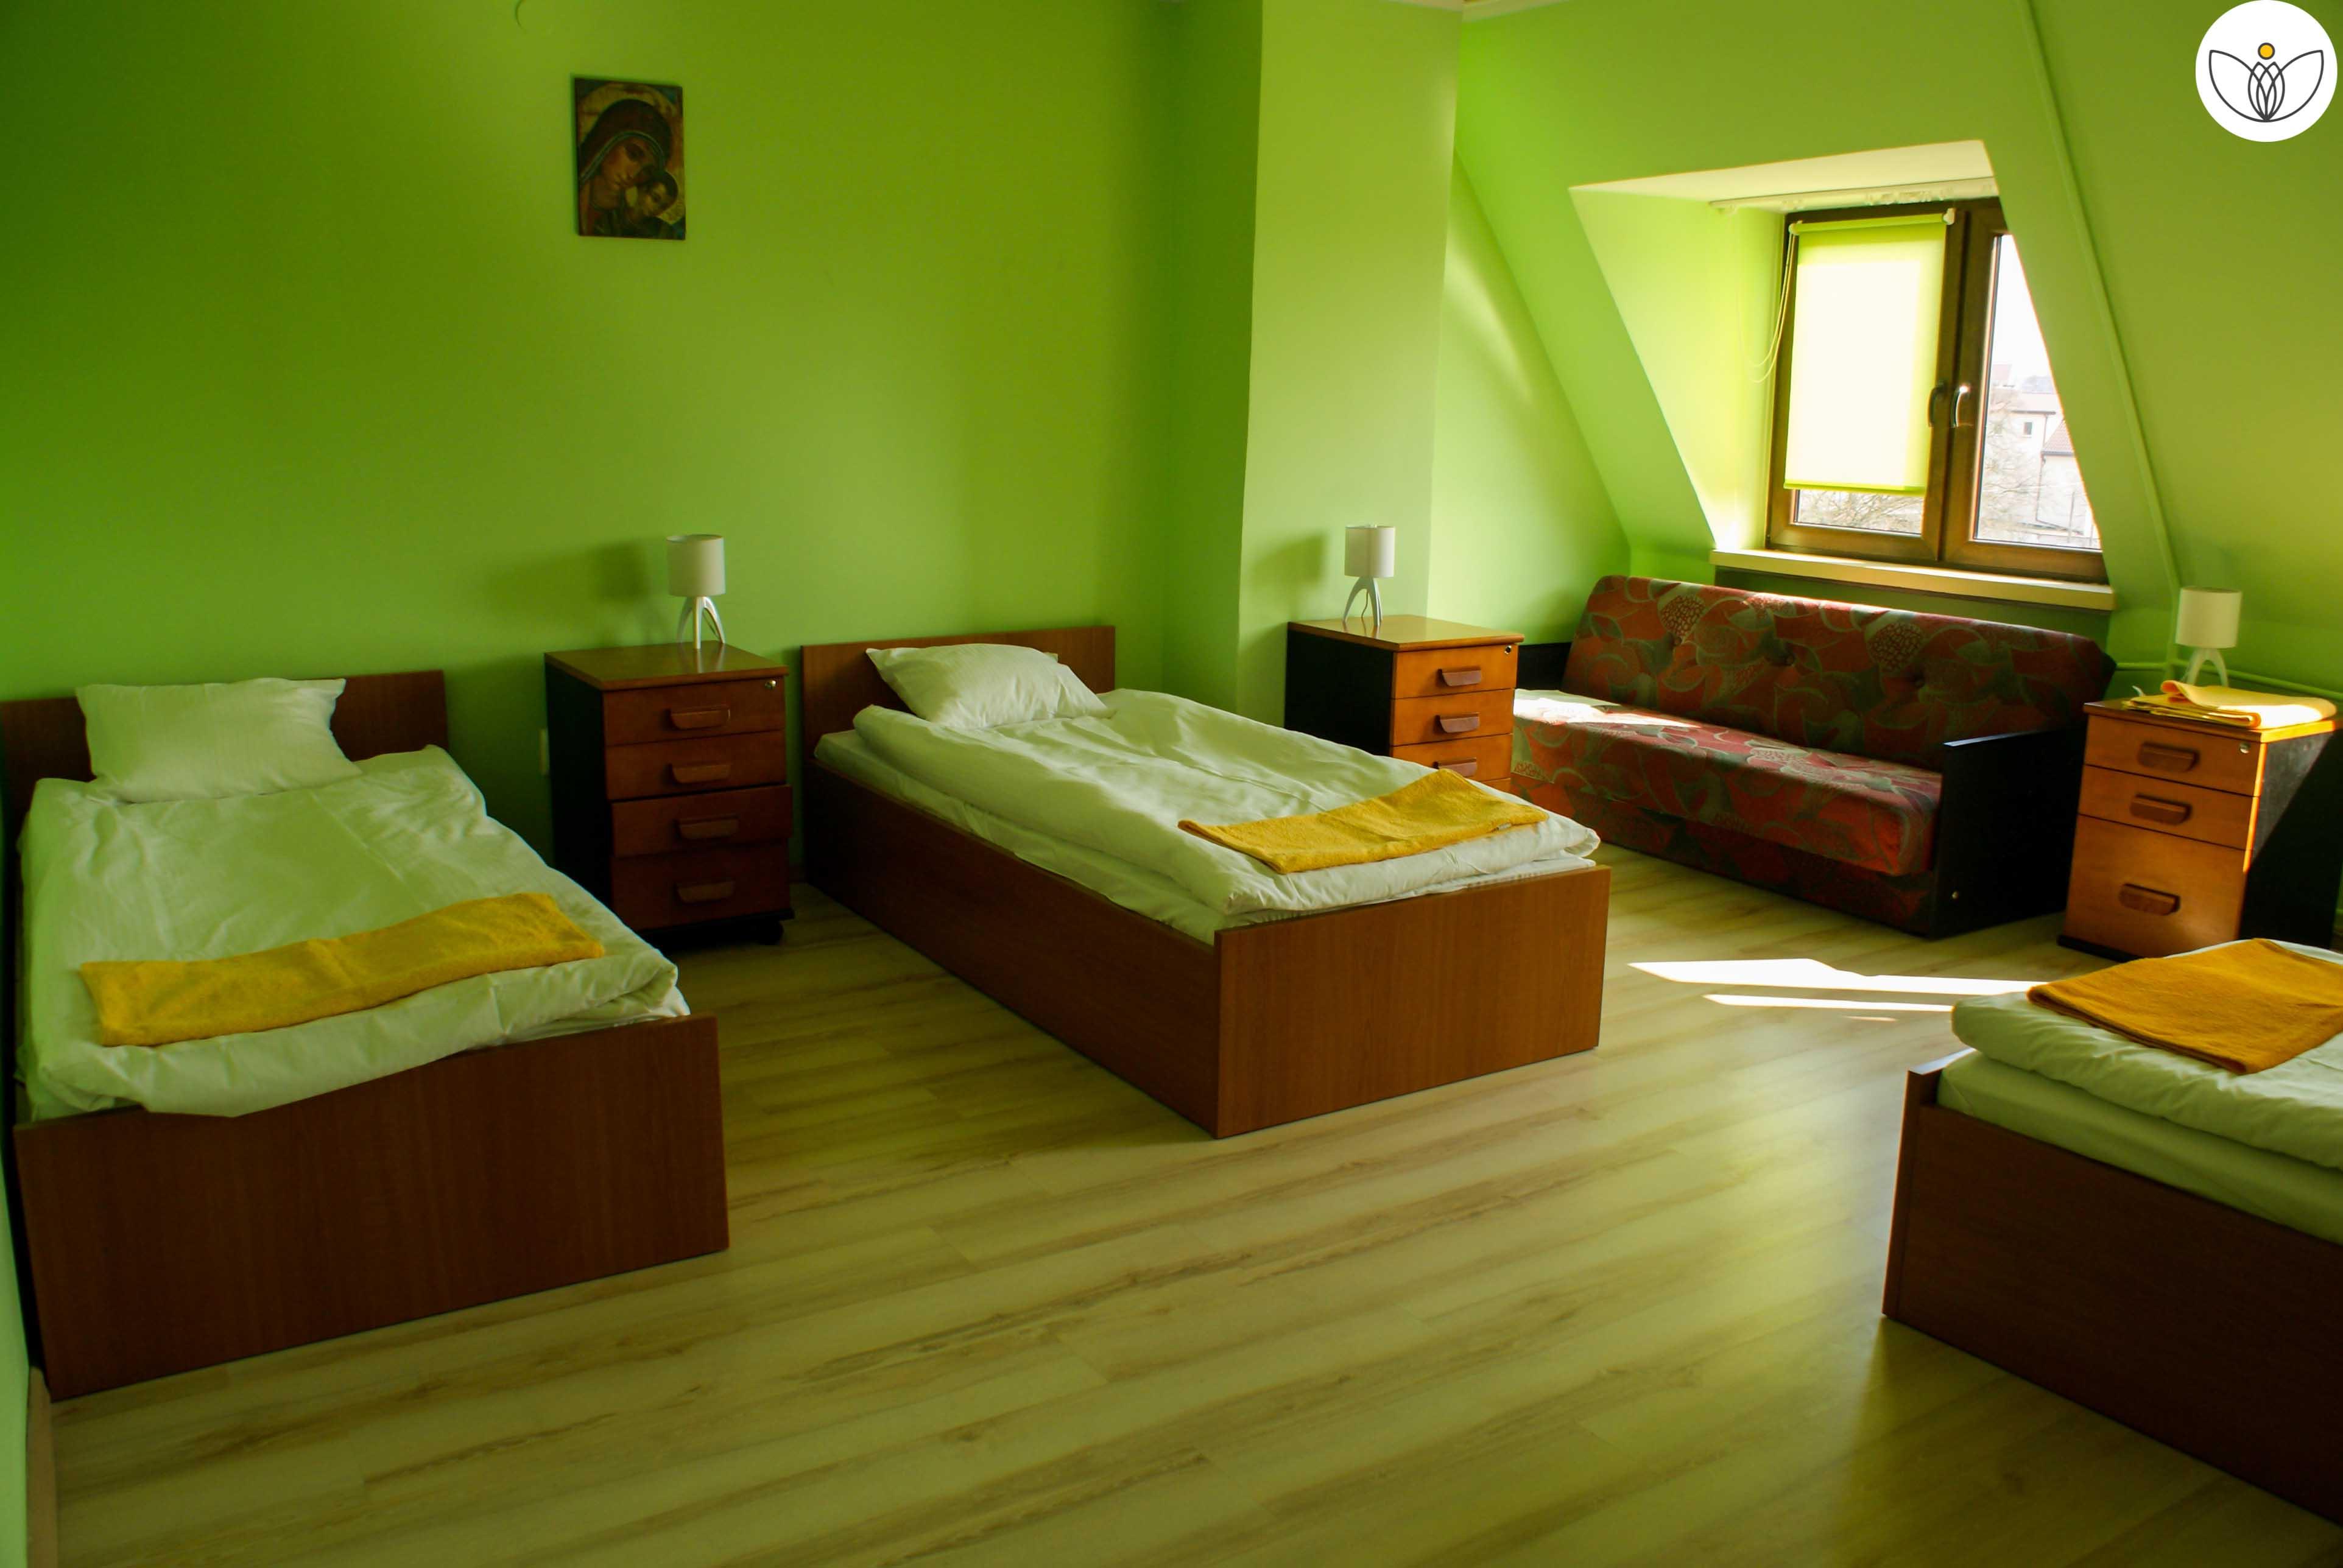 Pokój wieloosobowy na piętrze